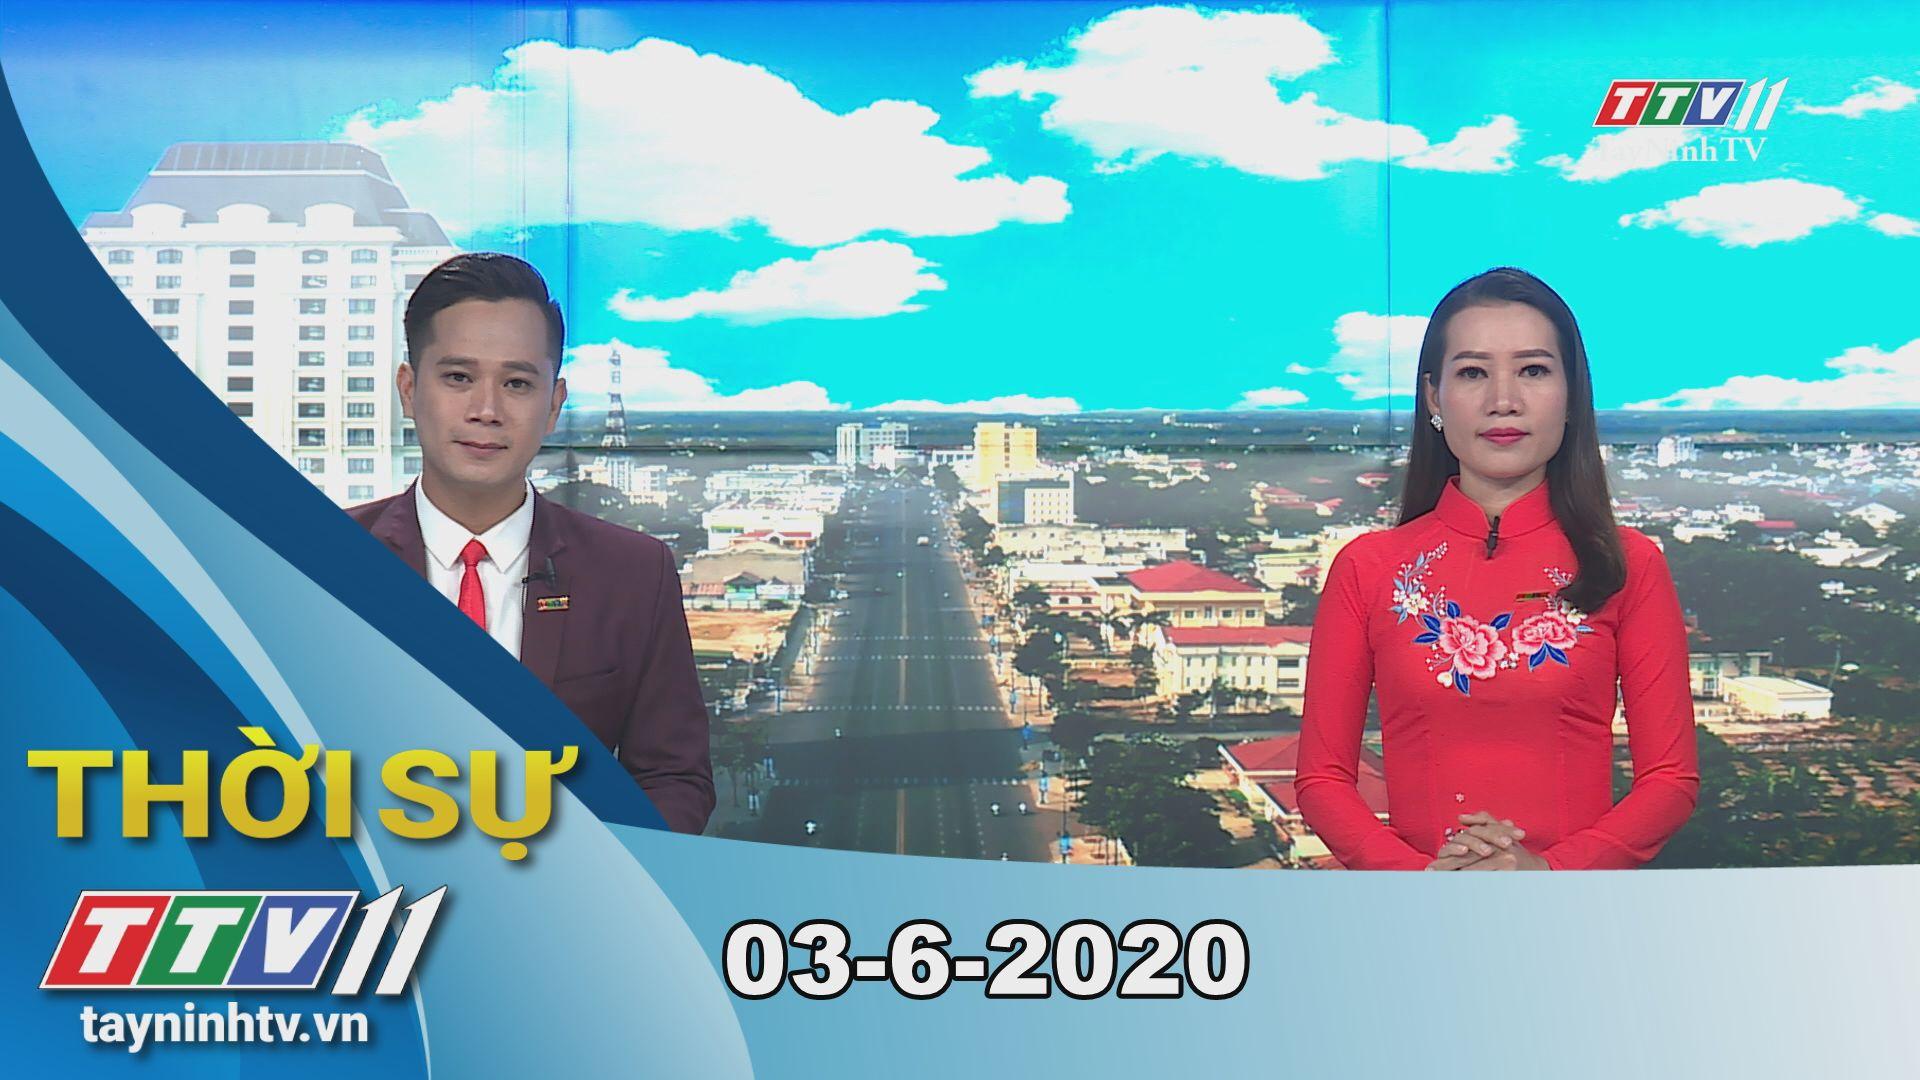 Thời sự Tây Ninh 03-6-2020 | Tin tức hôm nay | TayNinhTV